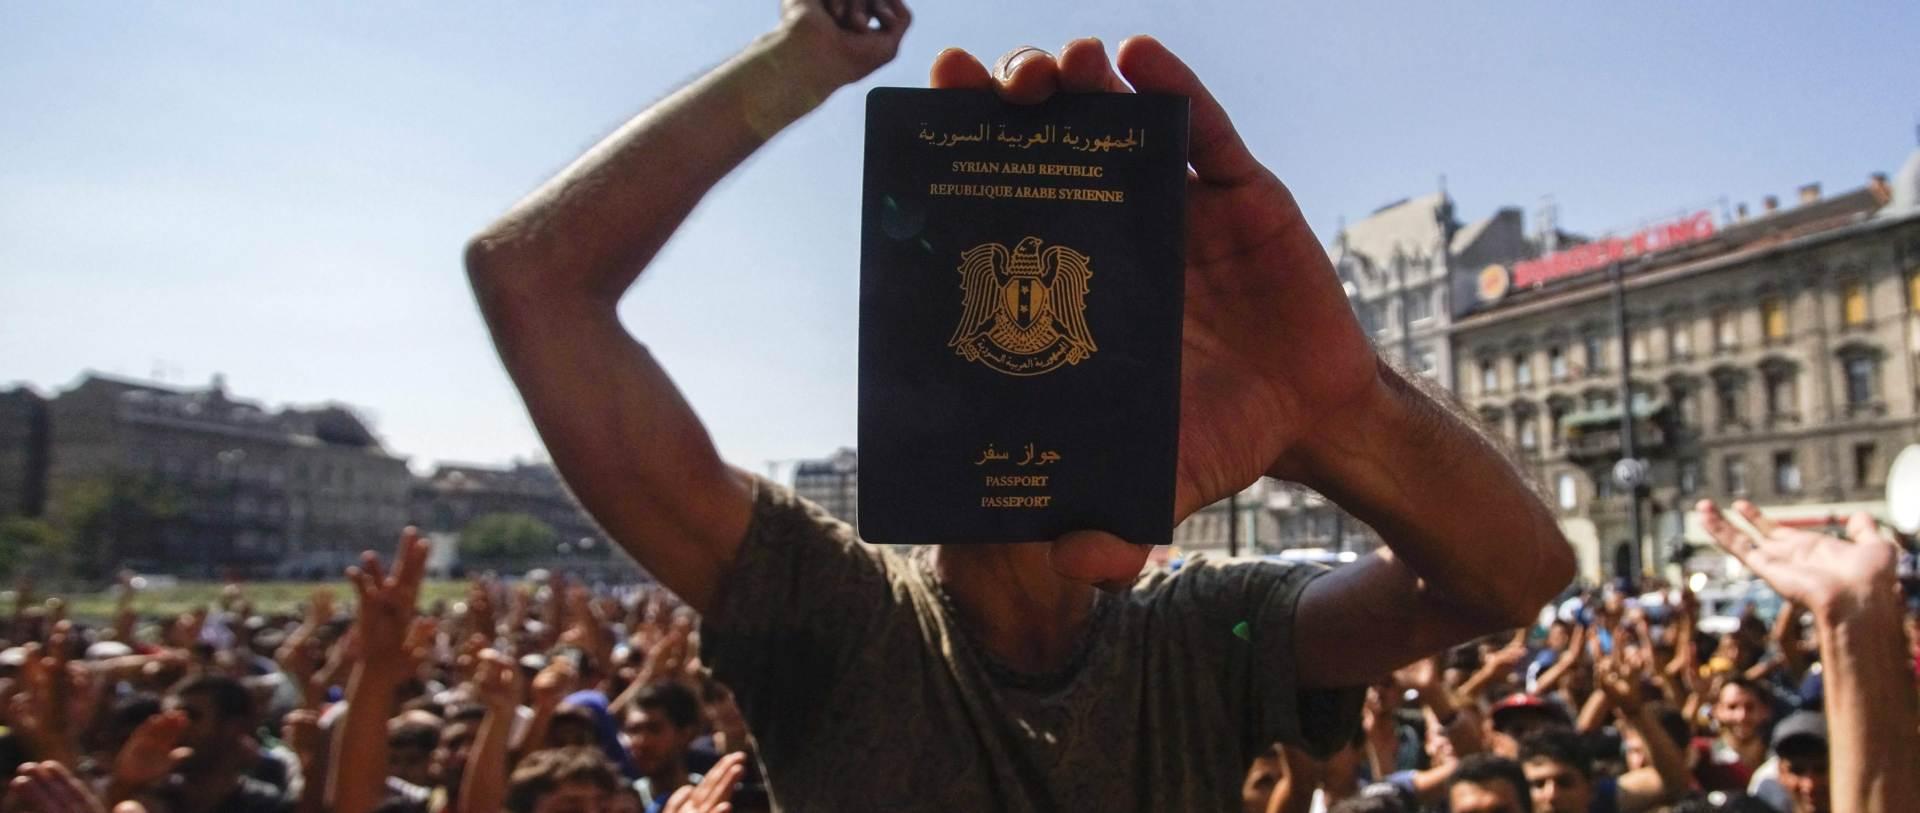 GRCI TVRDE: Sirijska putovnica pripada migrantu registriranom u Grčkoj